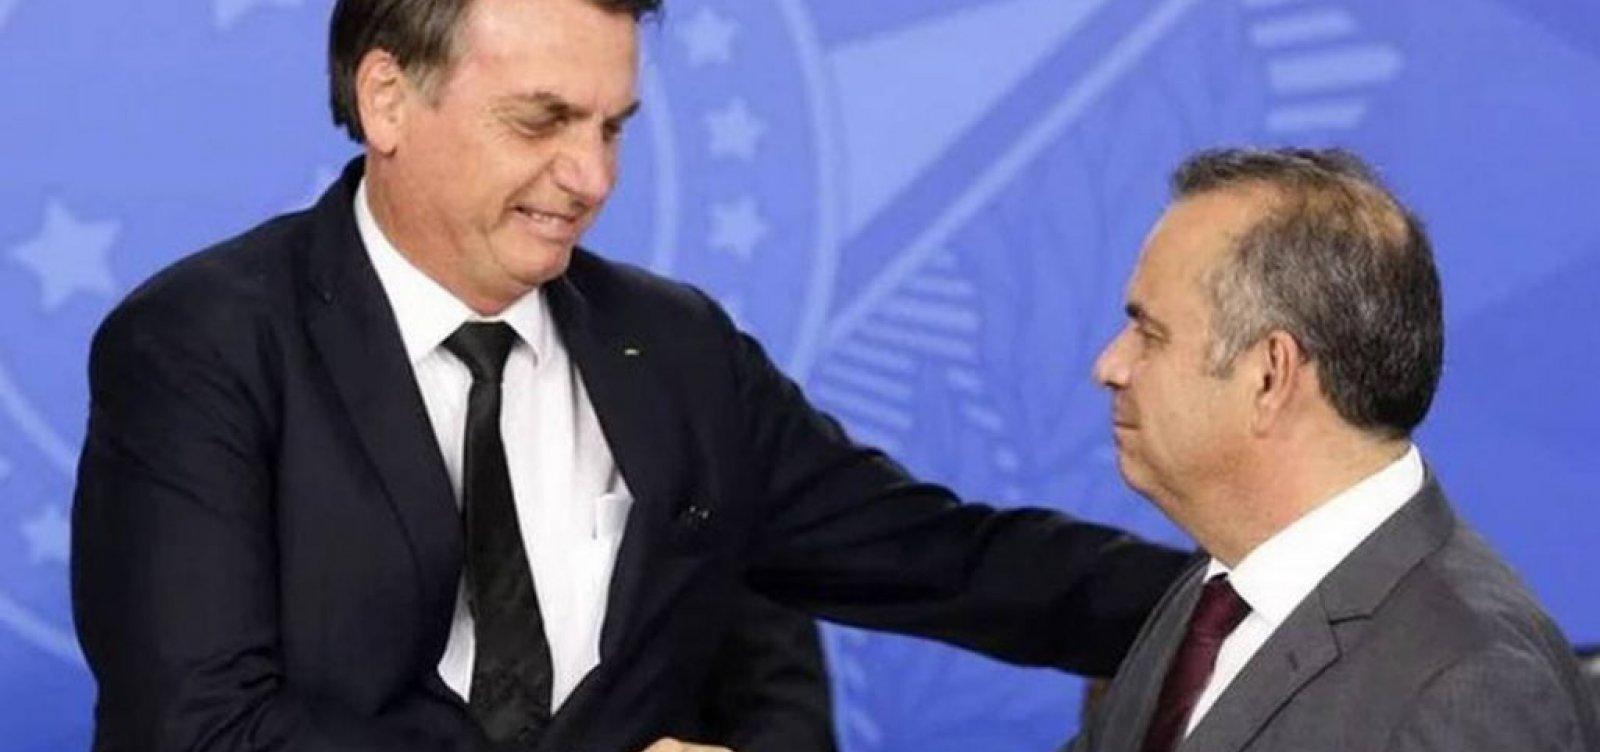 [Após Bolsonaro ser diagnosticado com coronavírus, ministro adia viagem à Bahia]